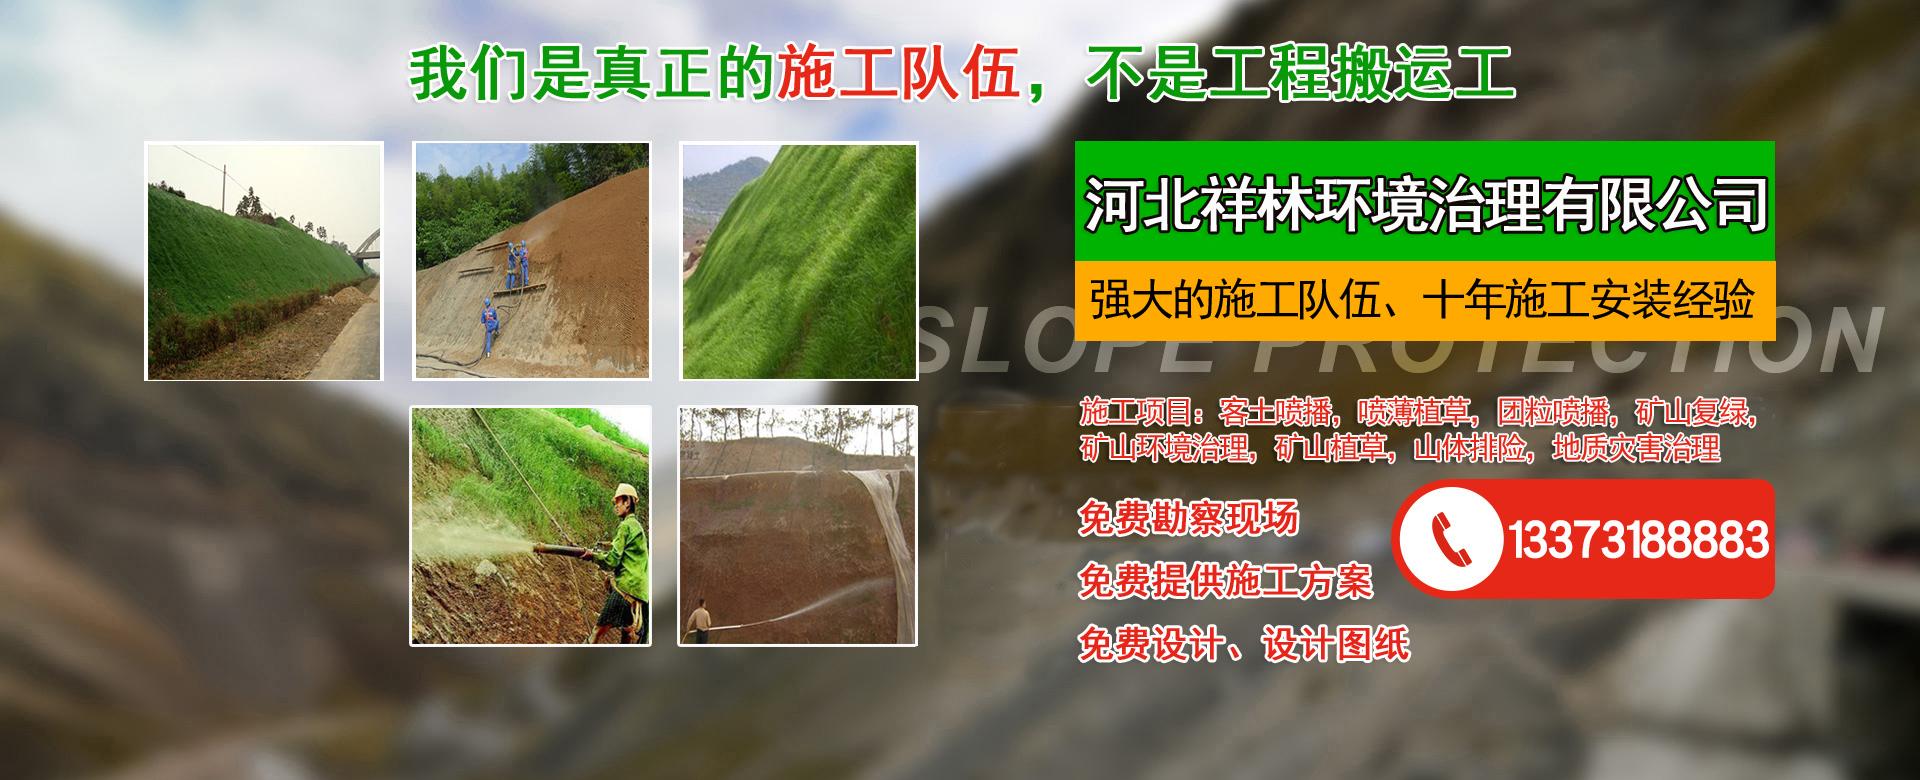 客土喷播、山体绿化